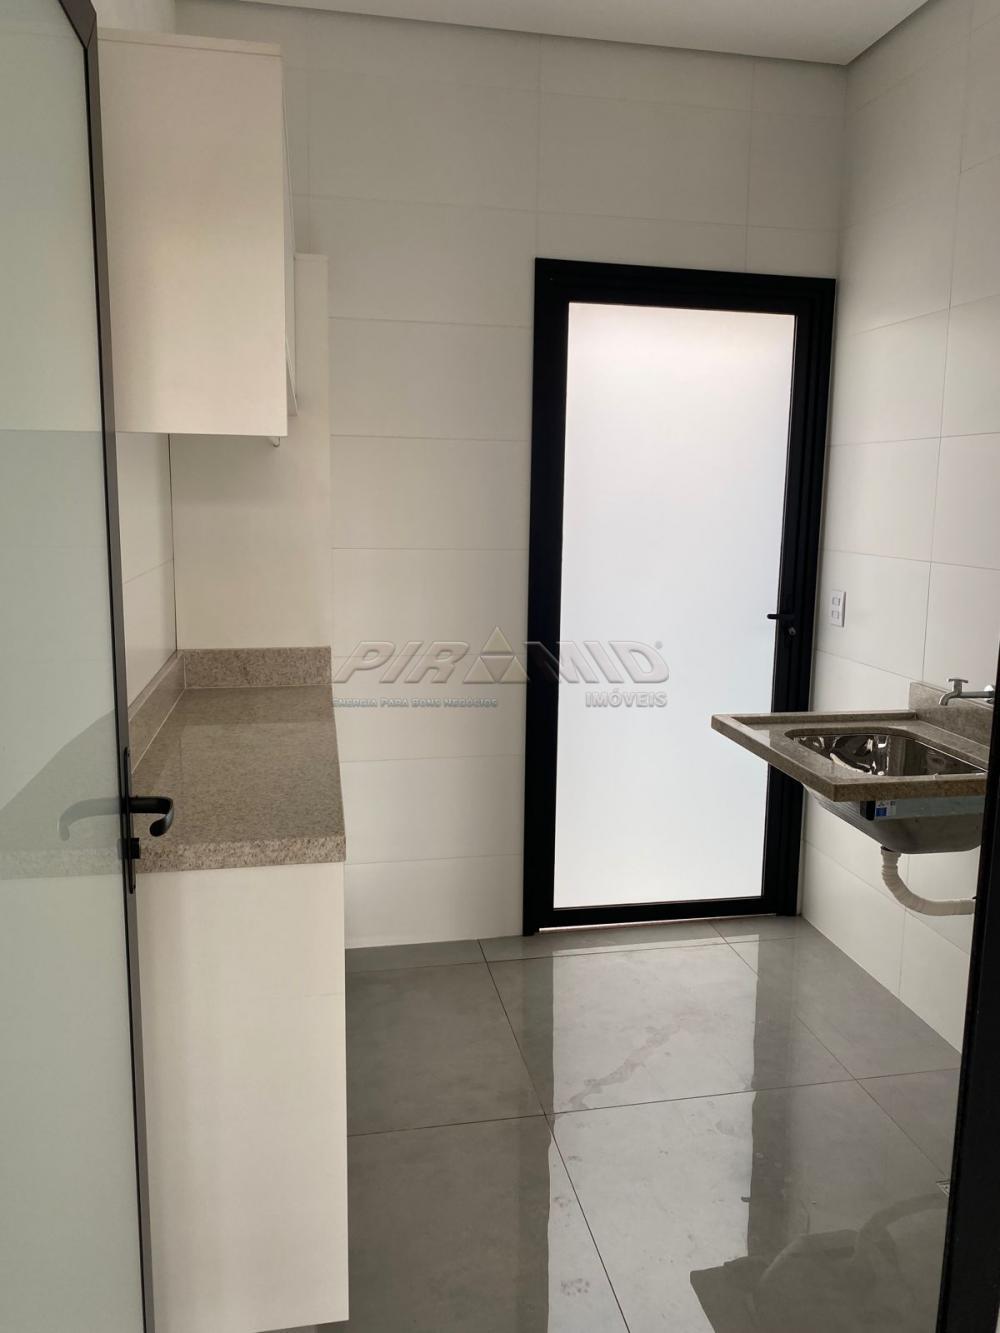 Comprar Casa / Condomínio em Ribeirão Preto R$ 1.350.000,00 - Foto 34